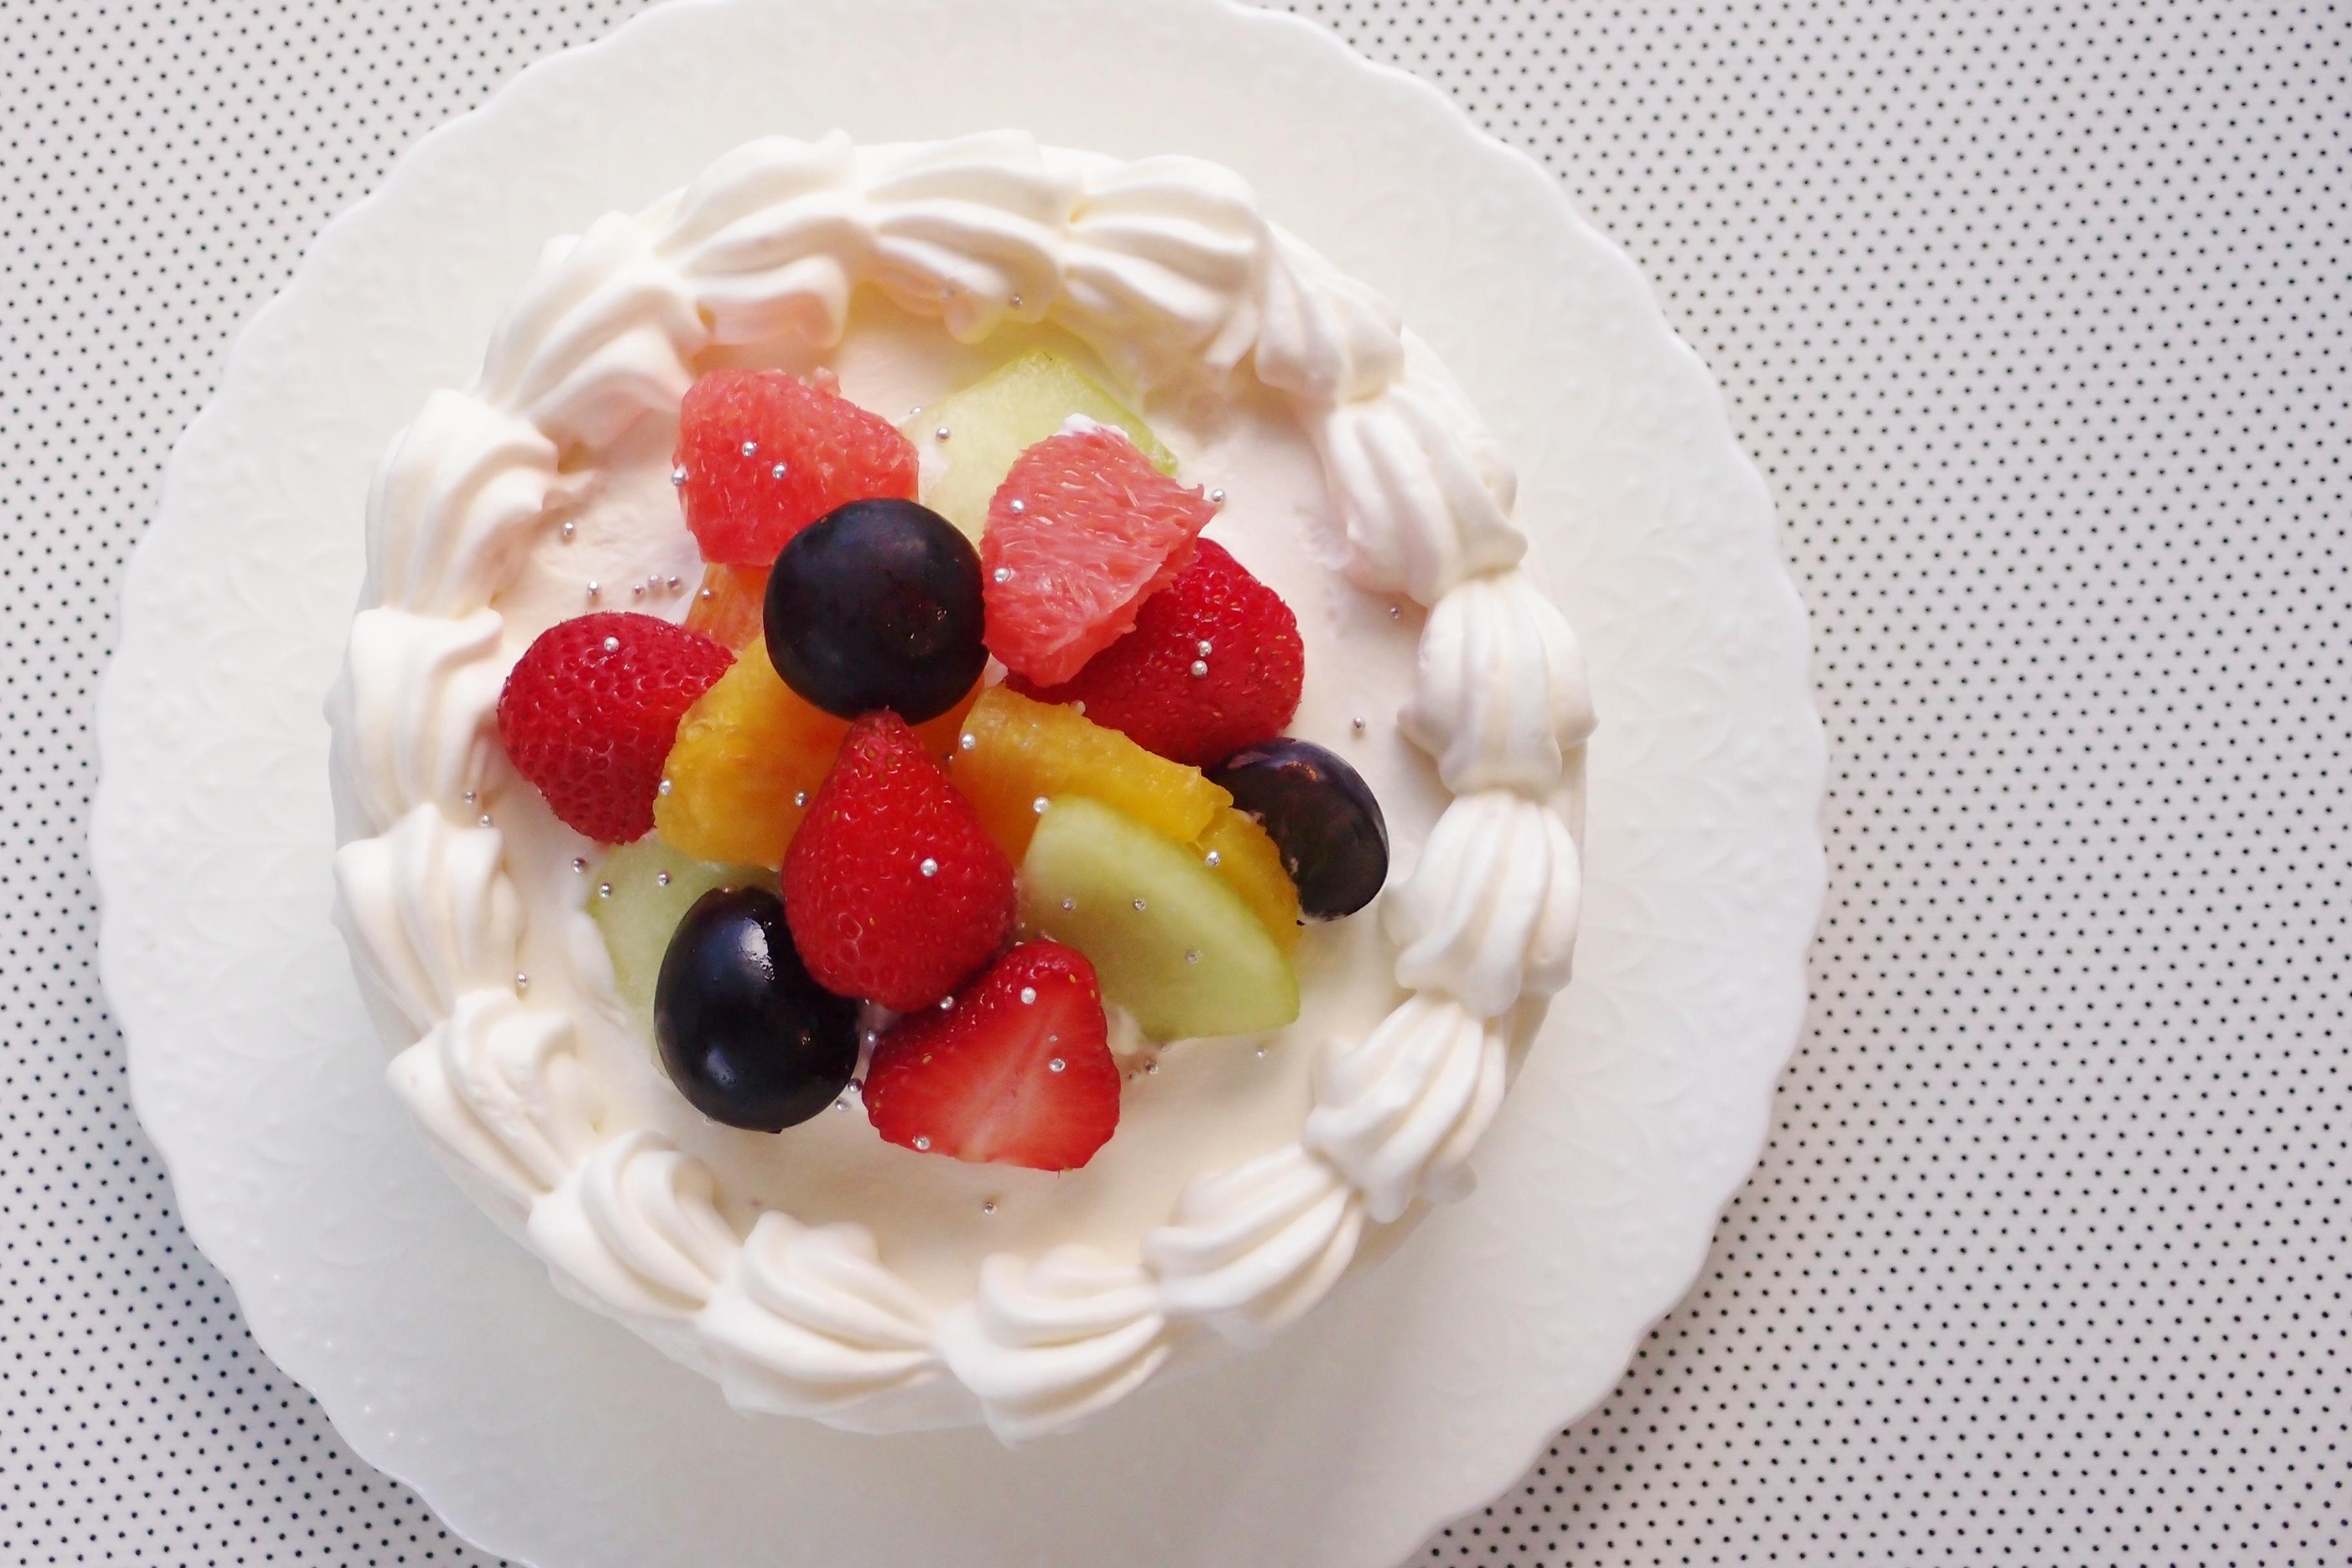 ド素人の私が失敗から学んだ、きれいなデコレーションケーキを作るためのコツ